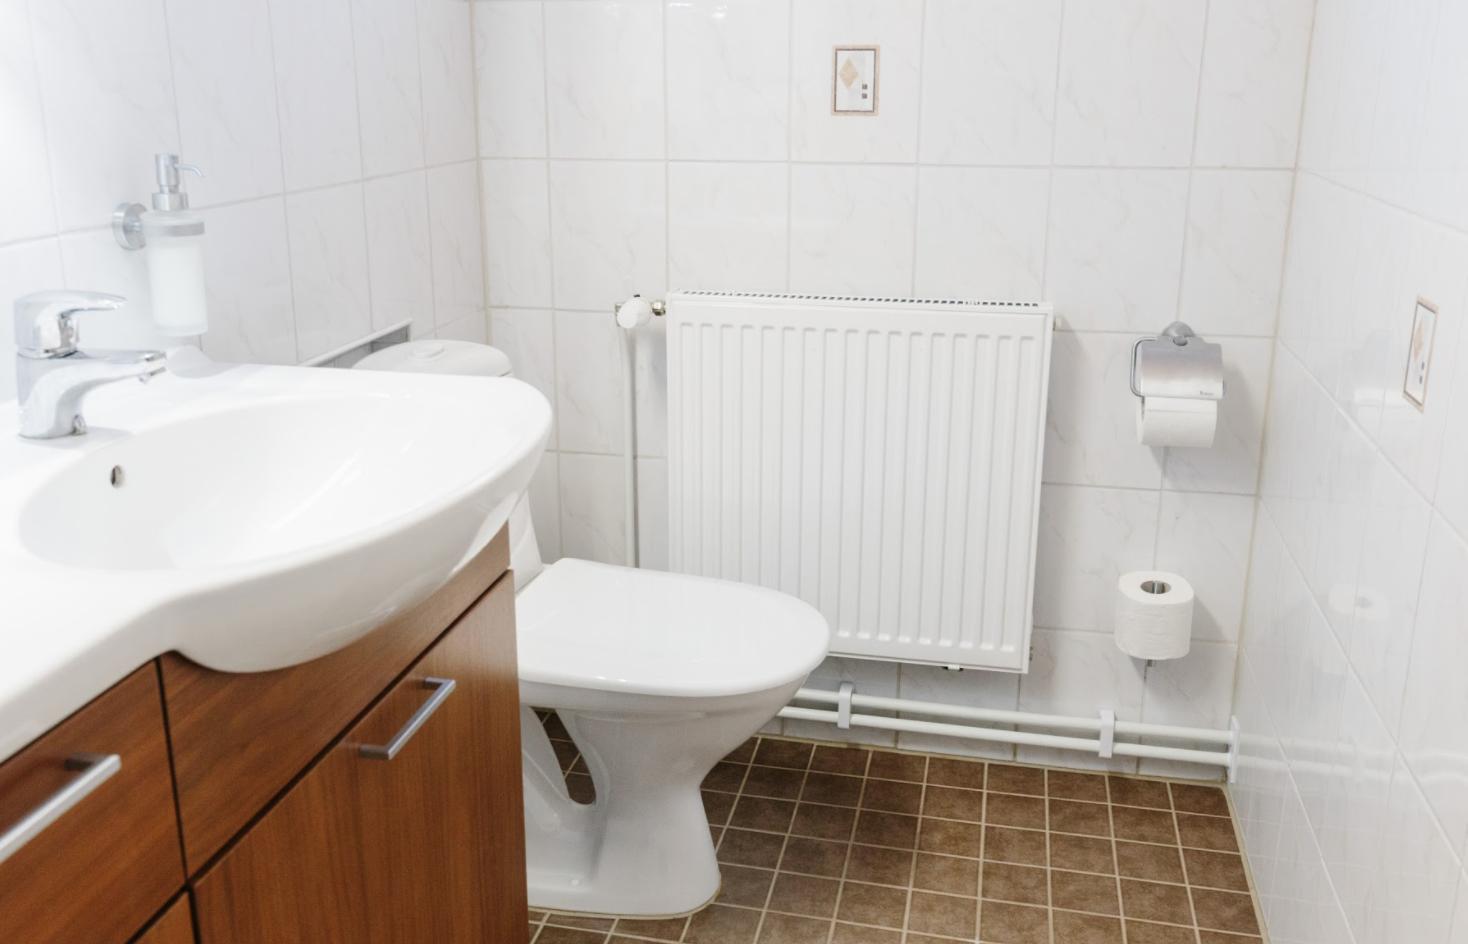 WC-tilat, Suomen Vesitekniikka Kokemuksia Yli-Kyyny